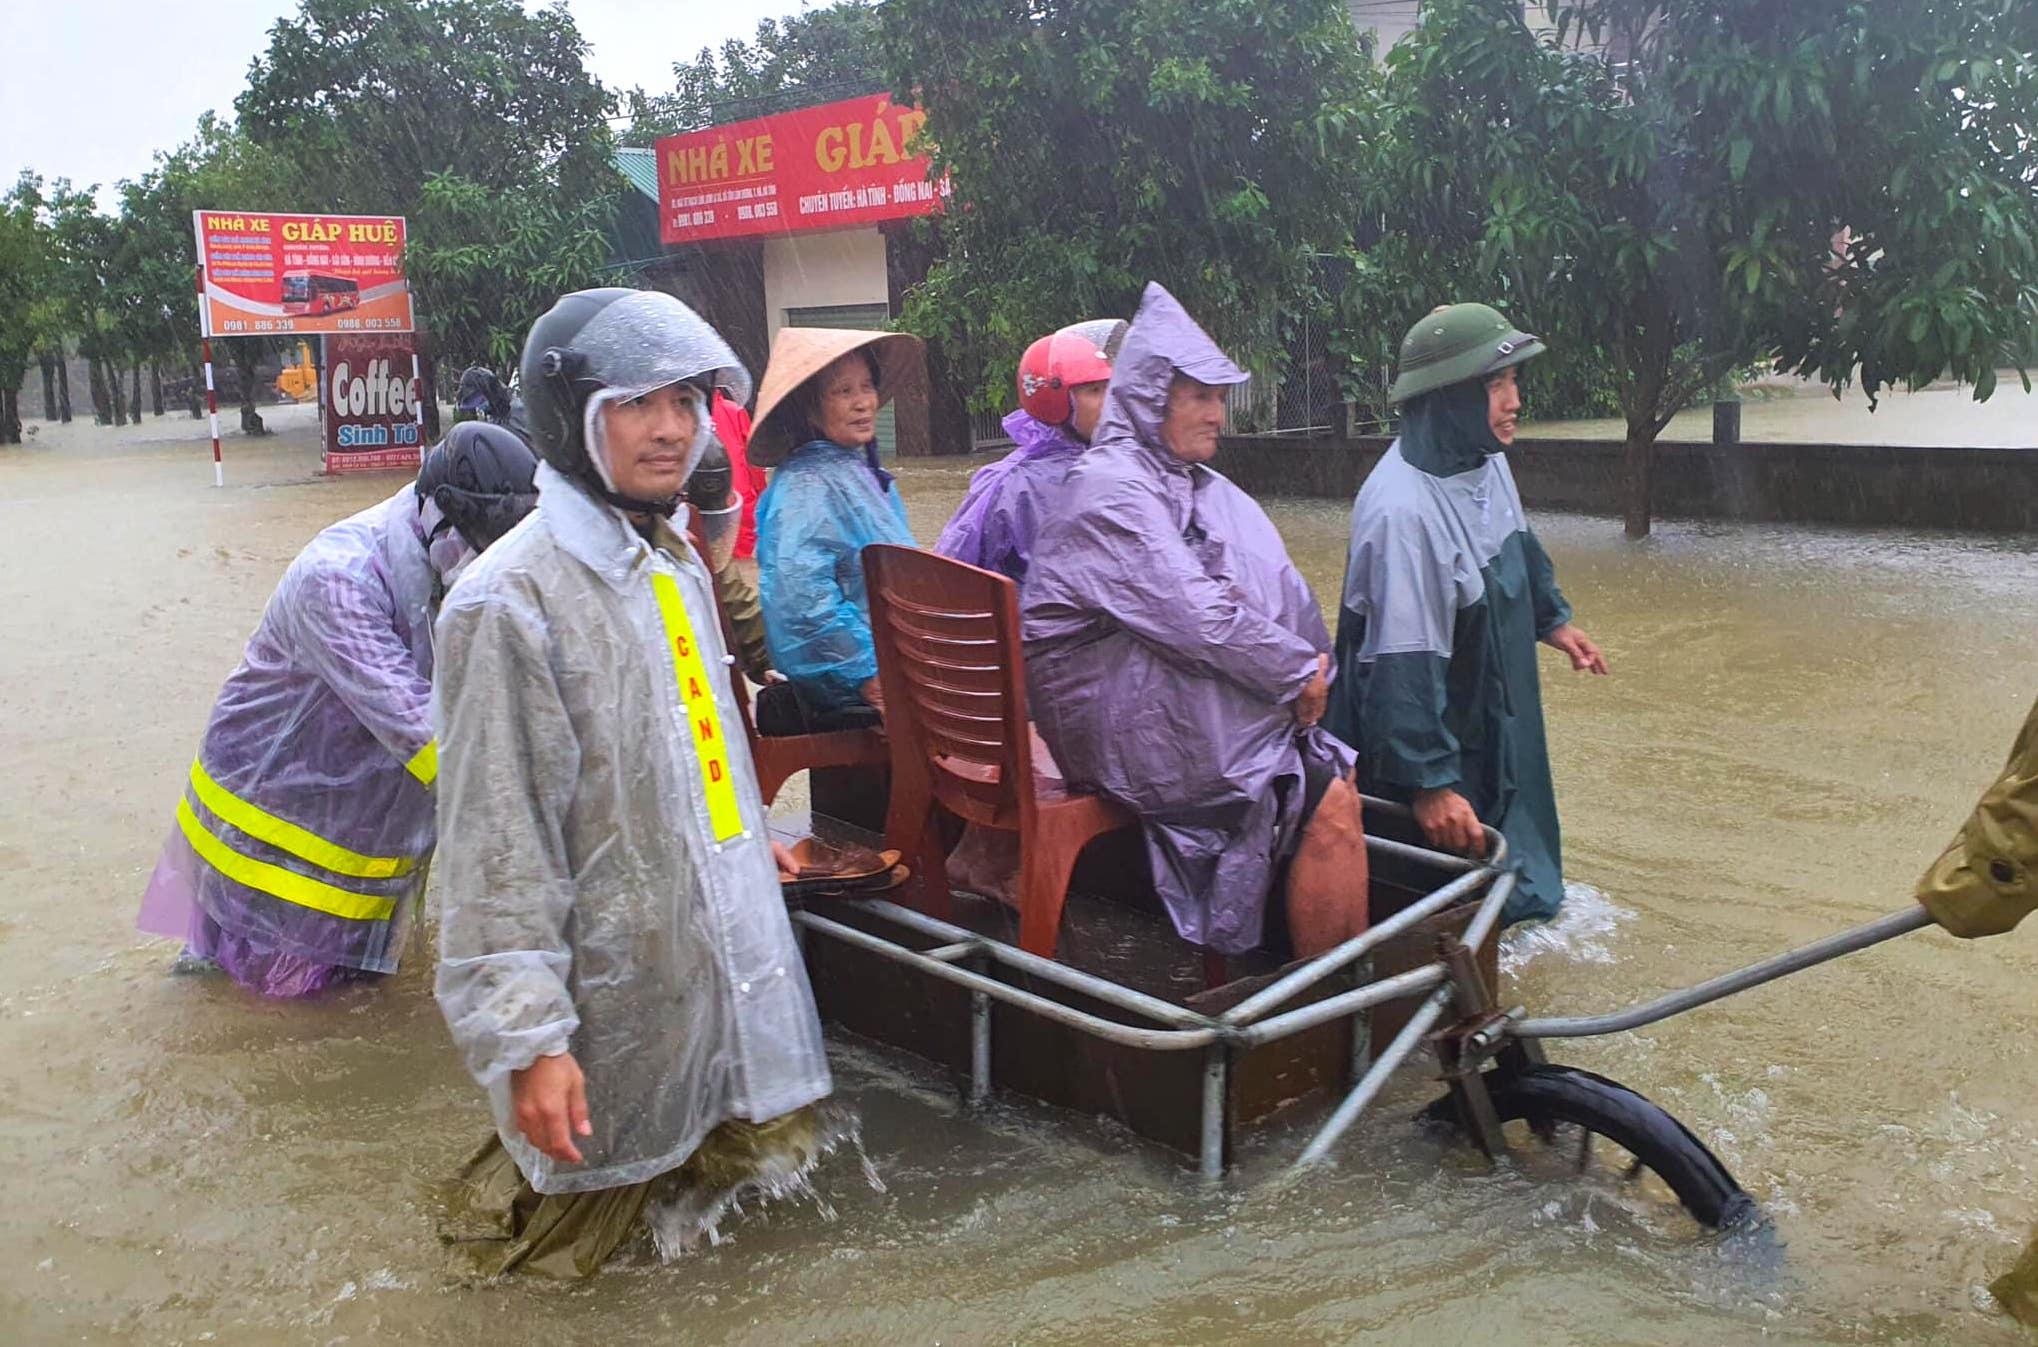 Hà Tĩnh ngập sâu, nước lũ đang lên nhanh, công an đến mọi ngóc ngách nhà dân sơ tán người - Ảnh 13.